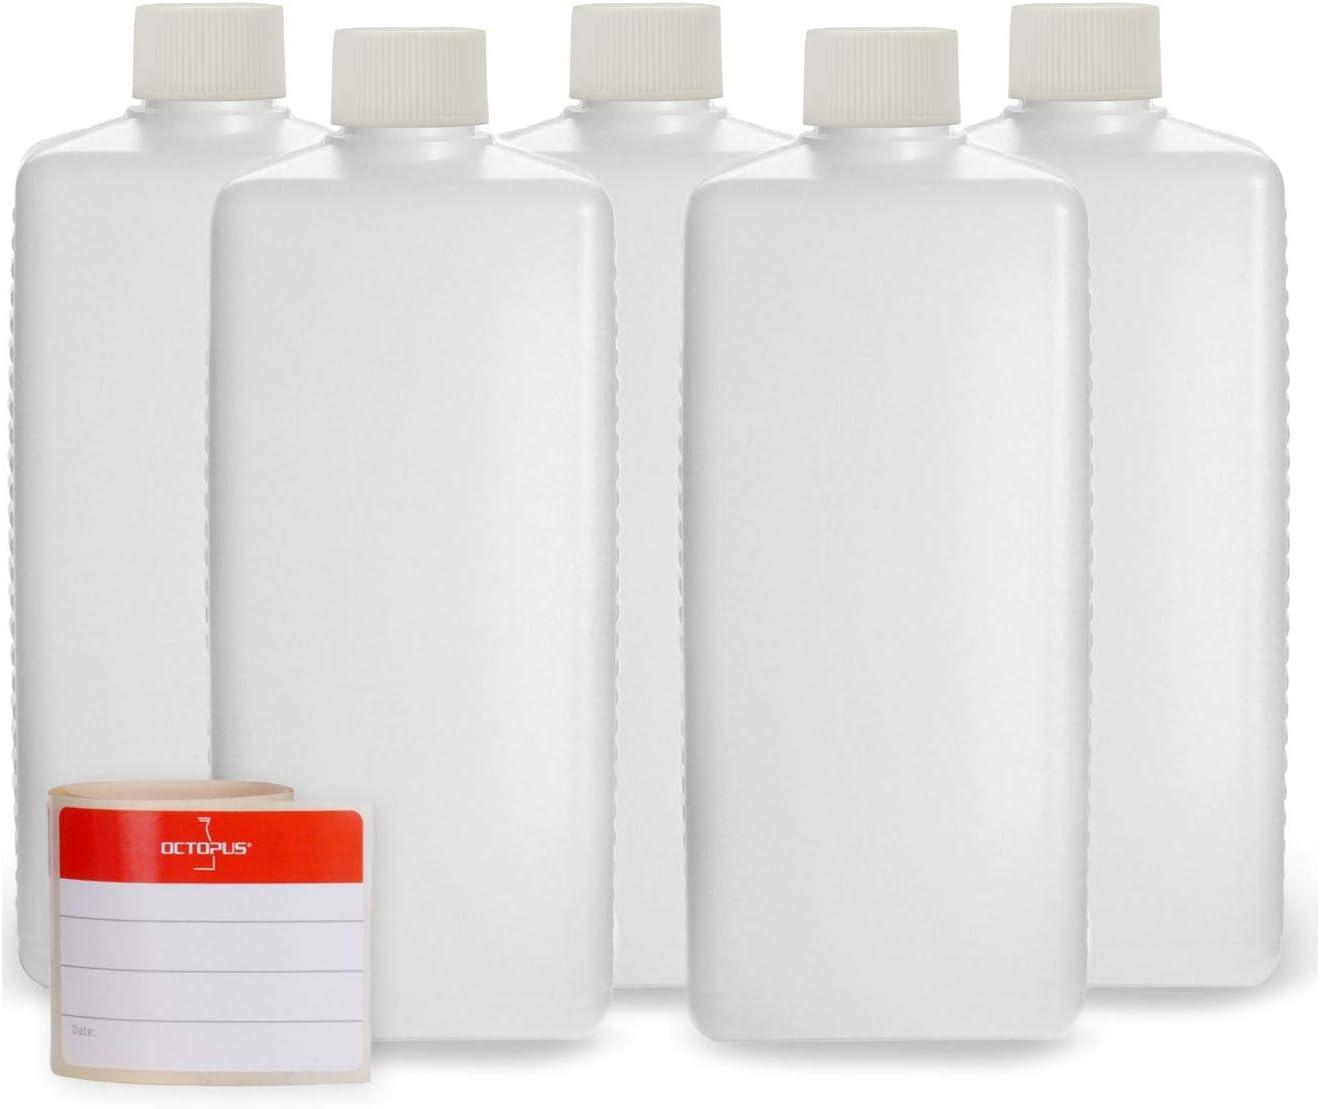 5 botellas de plástico de Octopus de 500 ml, botellas de plástico de HDPE con blanco tapones de rosca, botellas vacías con tapas de blanco rosca, botellas rectangulares con 5 etiquetas para marcar